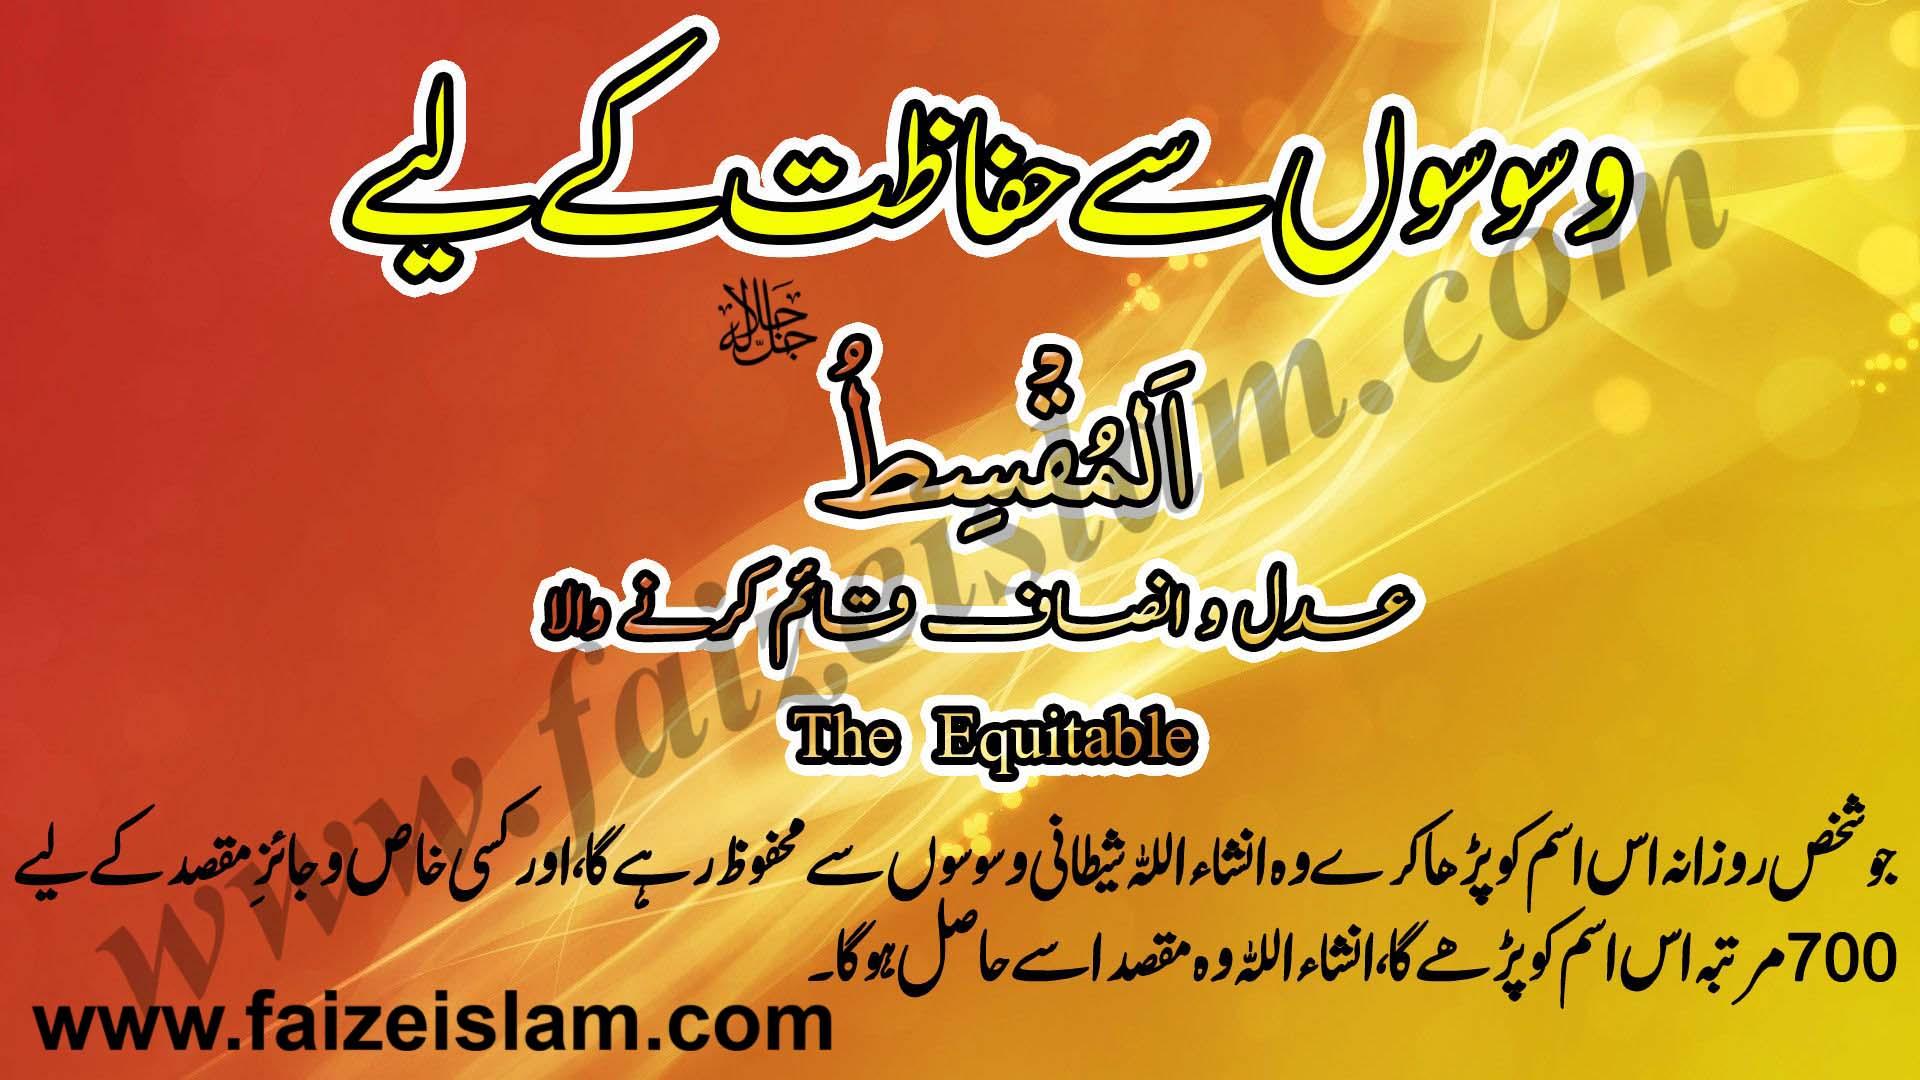 Waswasoon Say Hifazat Kay Liye Wazifa In Urdu